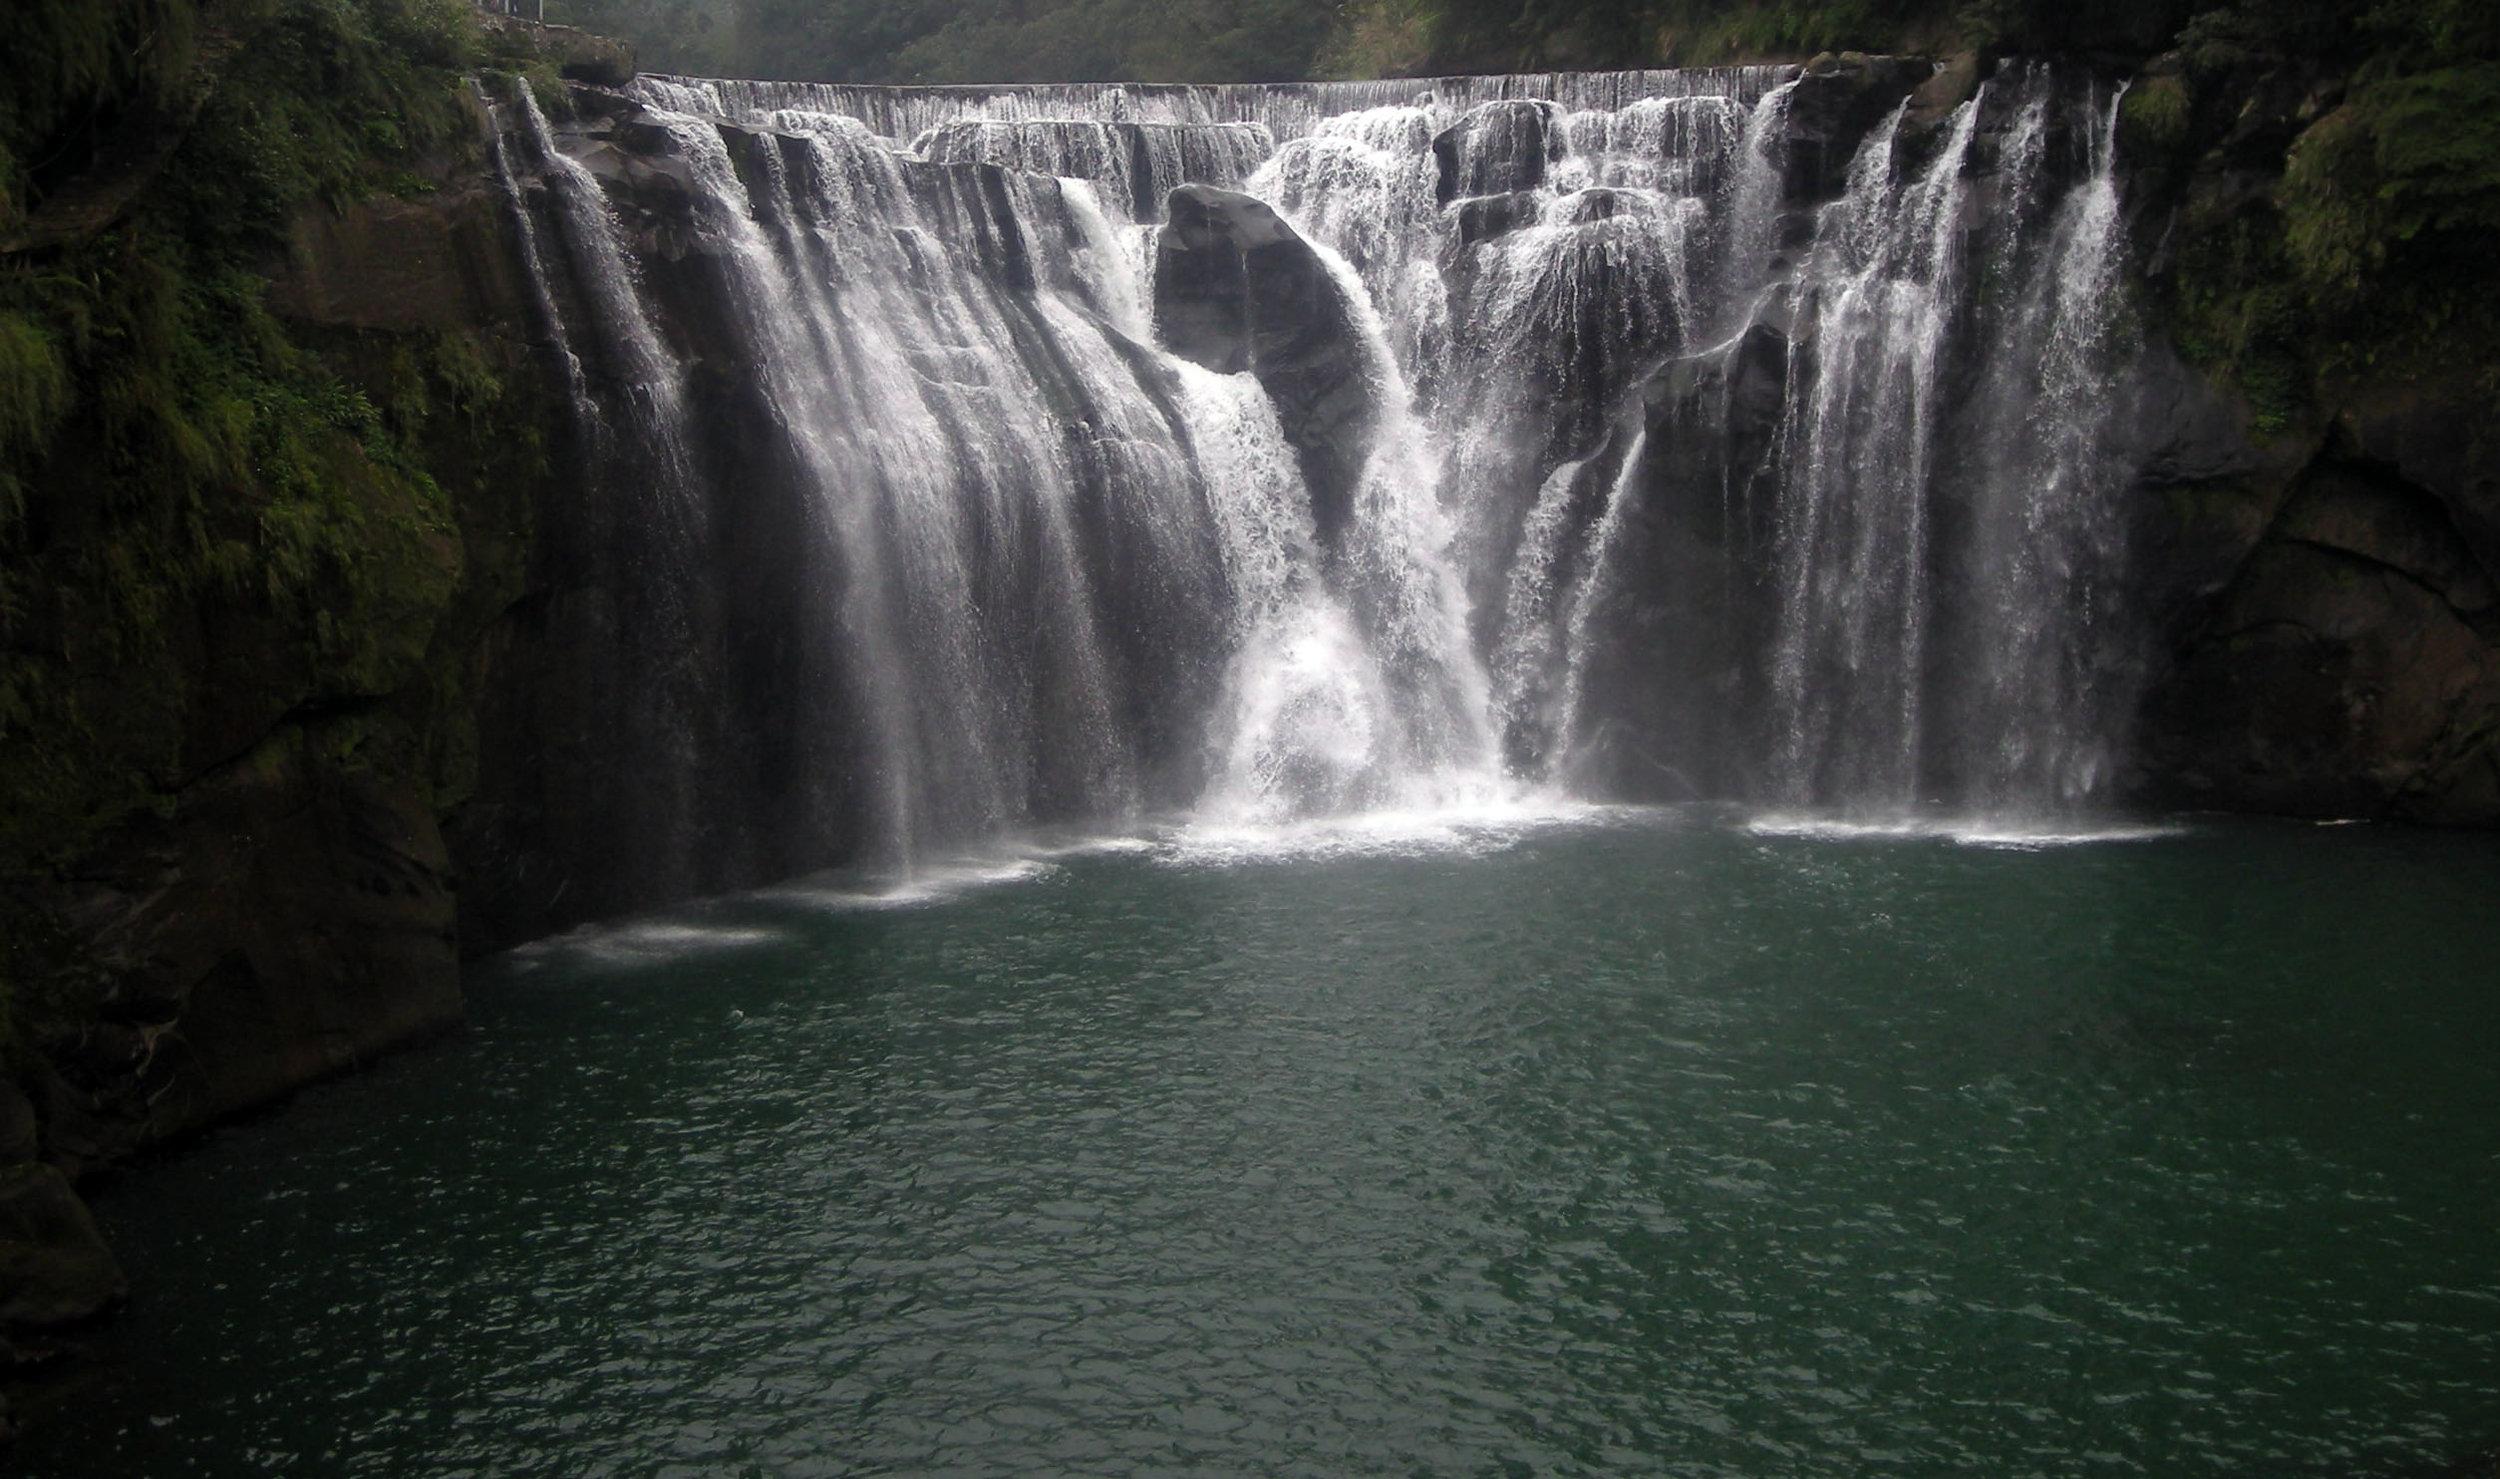 Eyeglasses waterfall 4.jpg